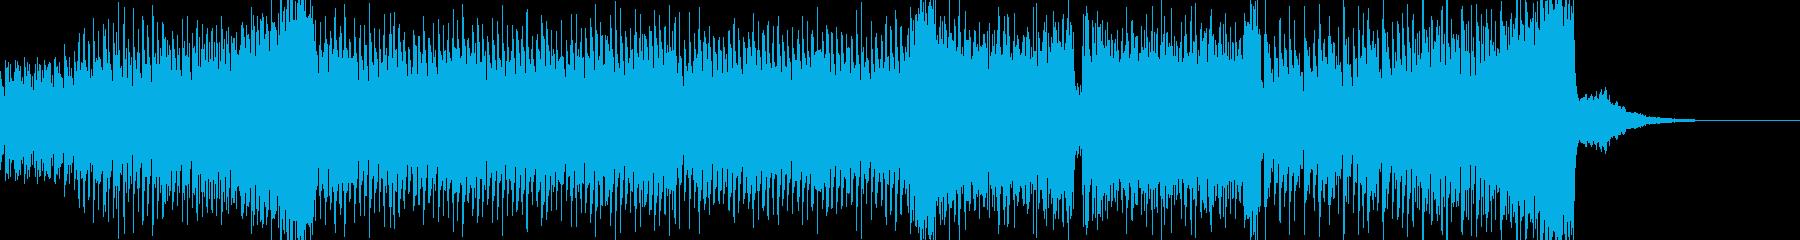 憂鬱なピアノ UKハードコア 60秒の再生済みの波形